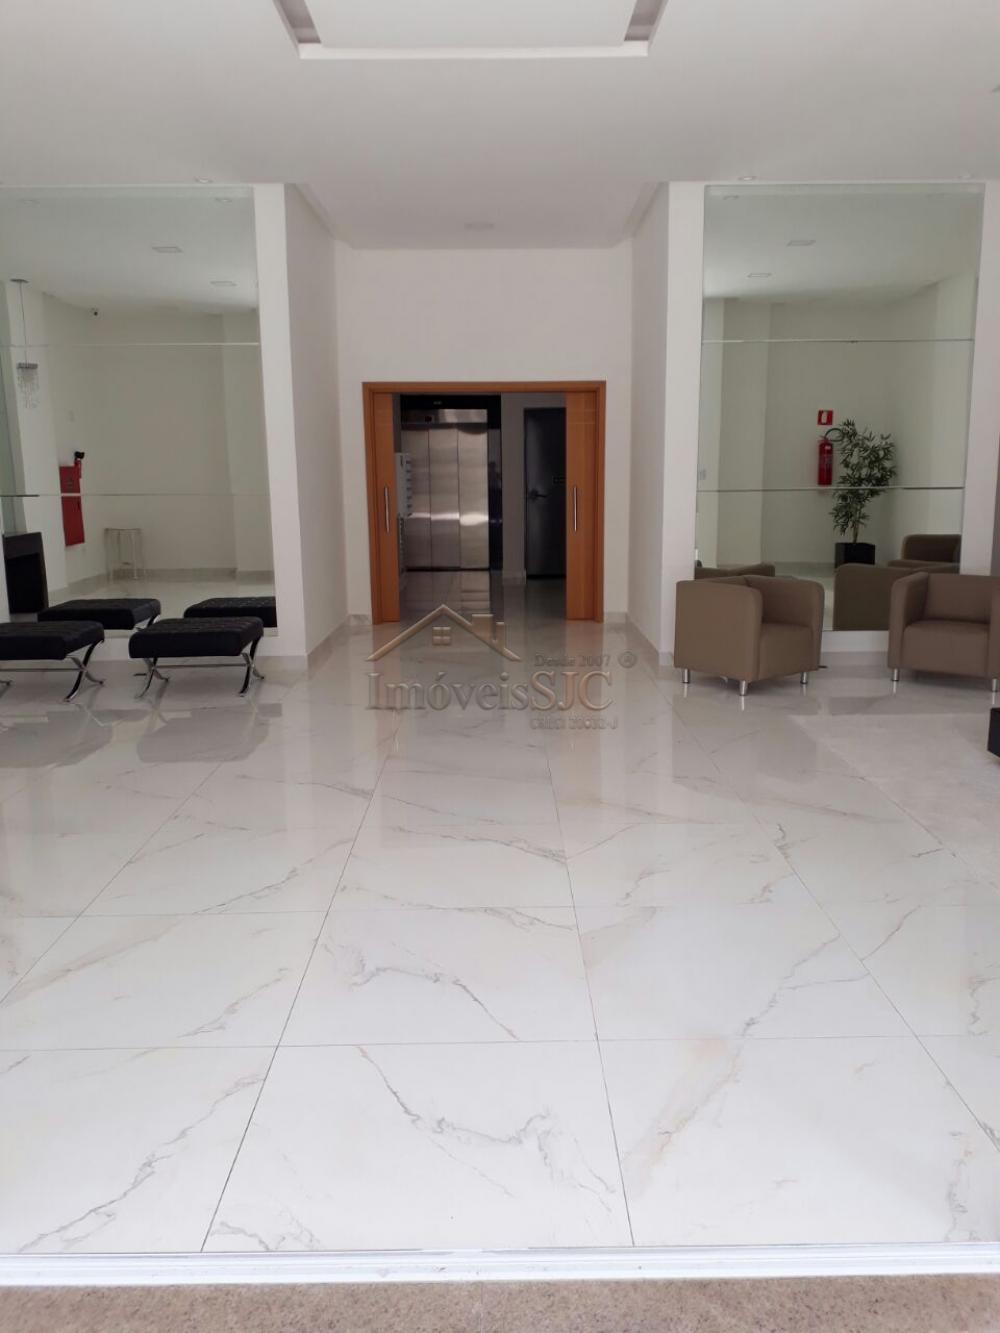 Alugar Apartamentos / Padrão em São José dos Campos apenas R$ 3.500,00 - Foto 17